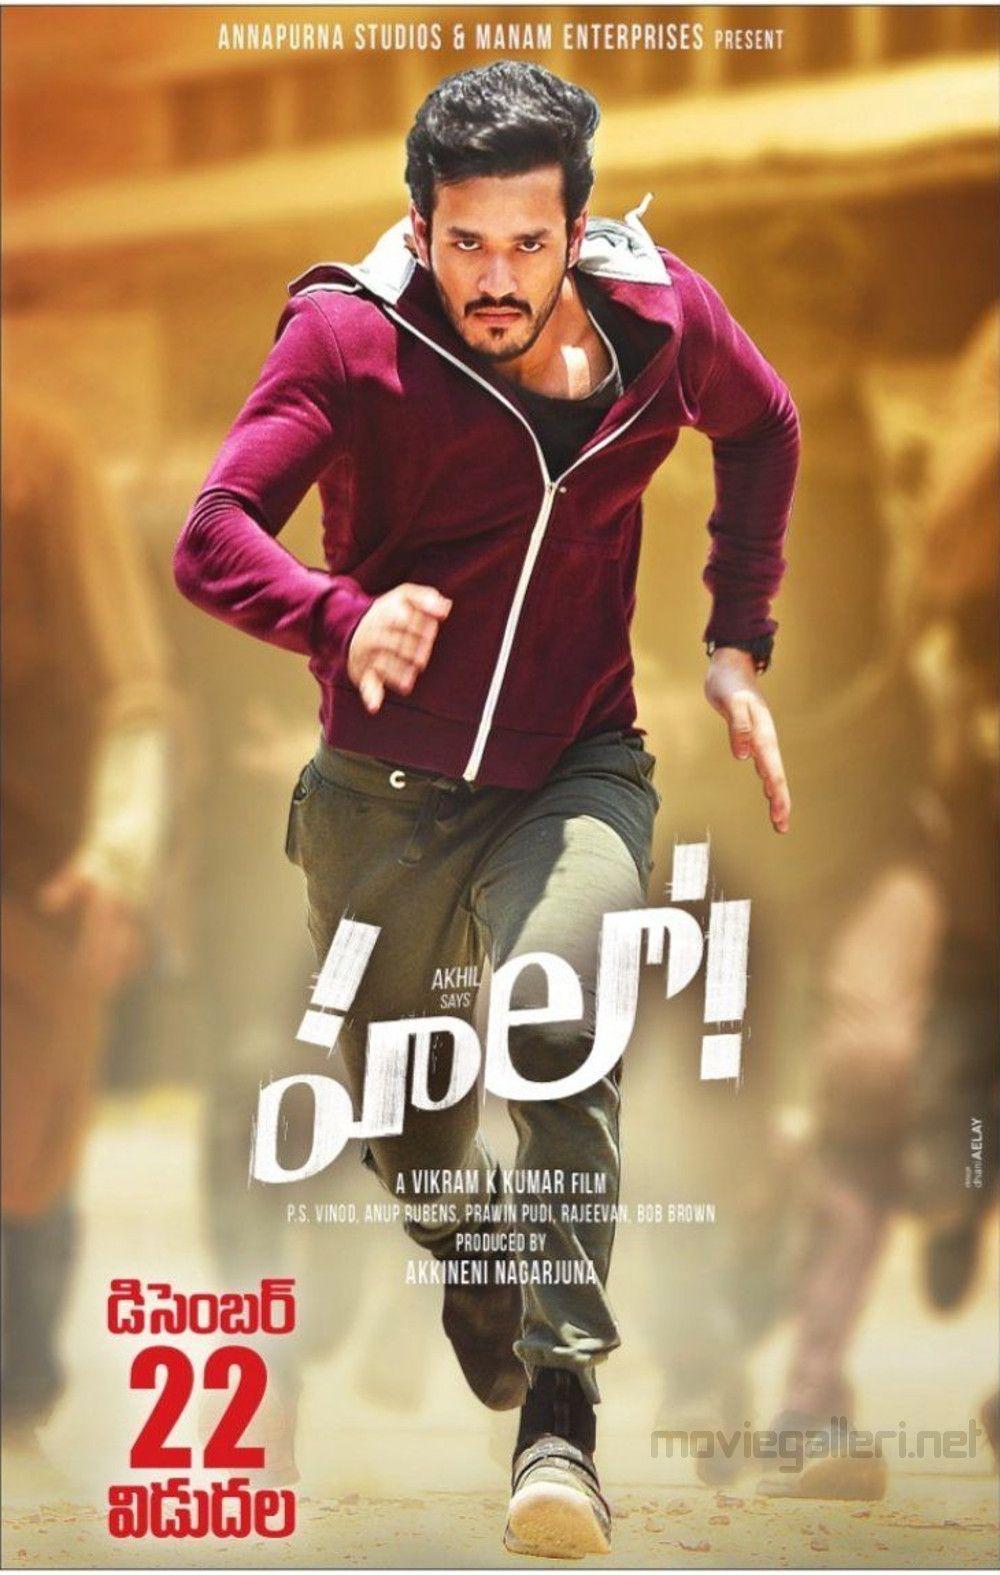 Tollywood Actor Akhil Akkineni Hello Movie Posters Hello Movie Hero Movie Actors